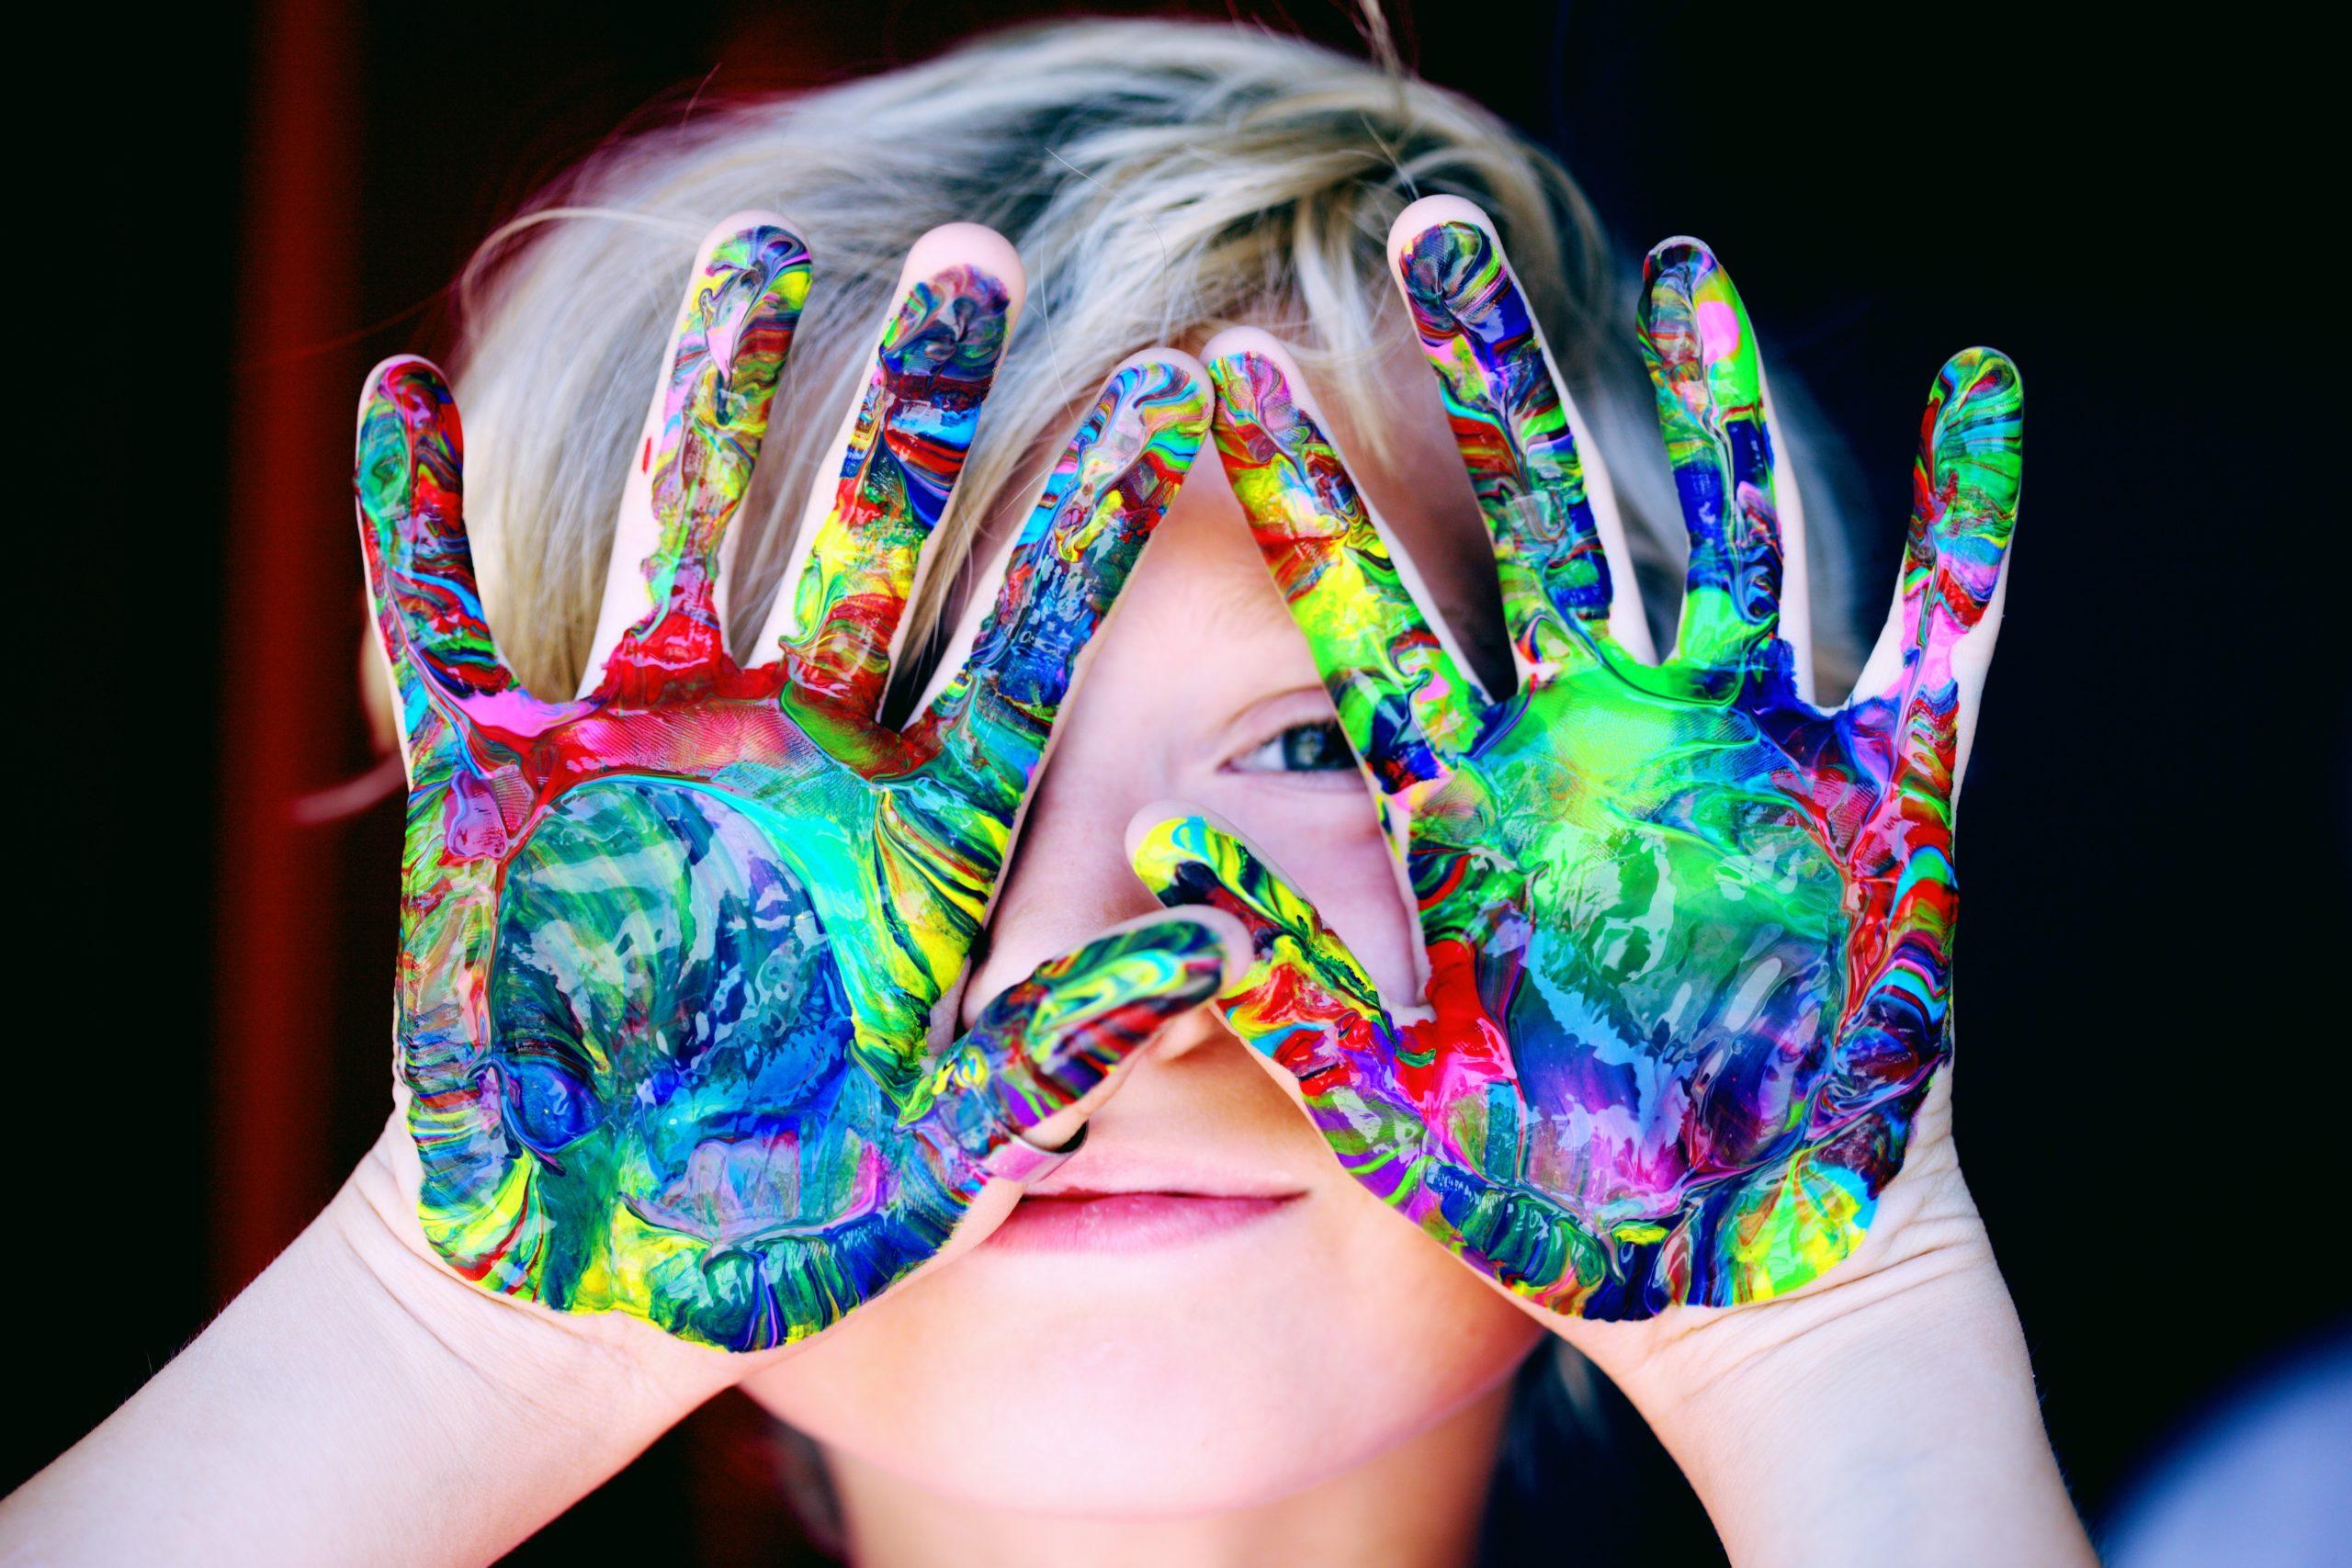 Don't TouchMyChildren: il 21 marzo a Nuoro uniti per la tutela dell'infanzia